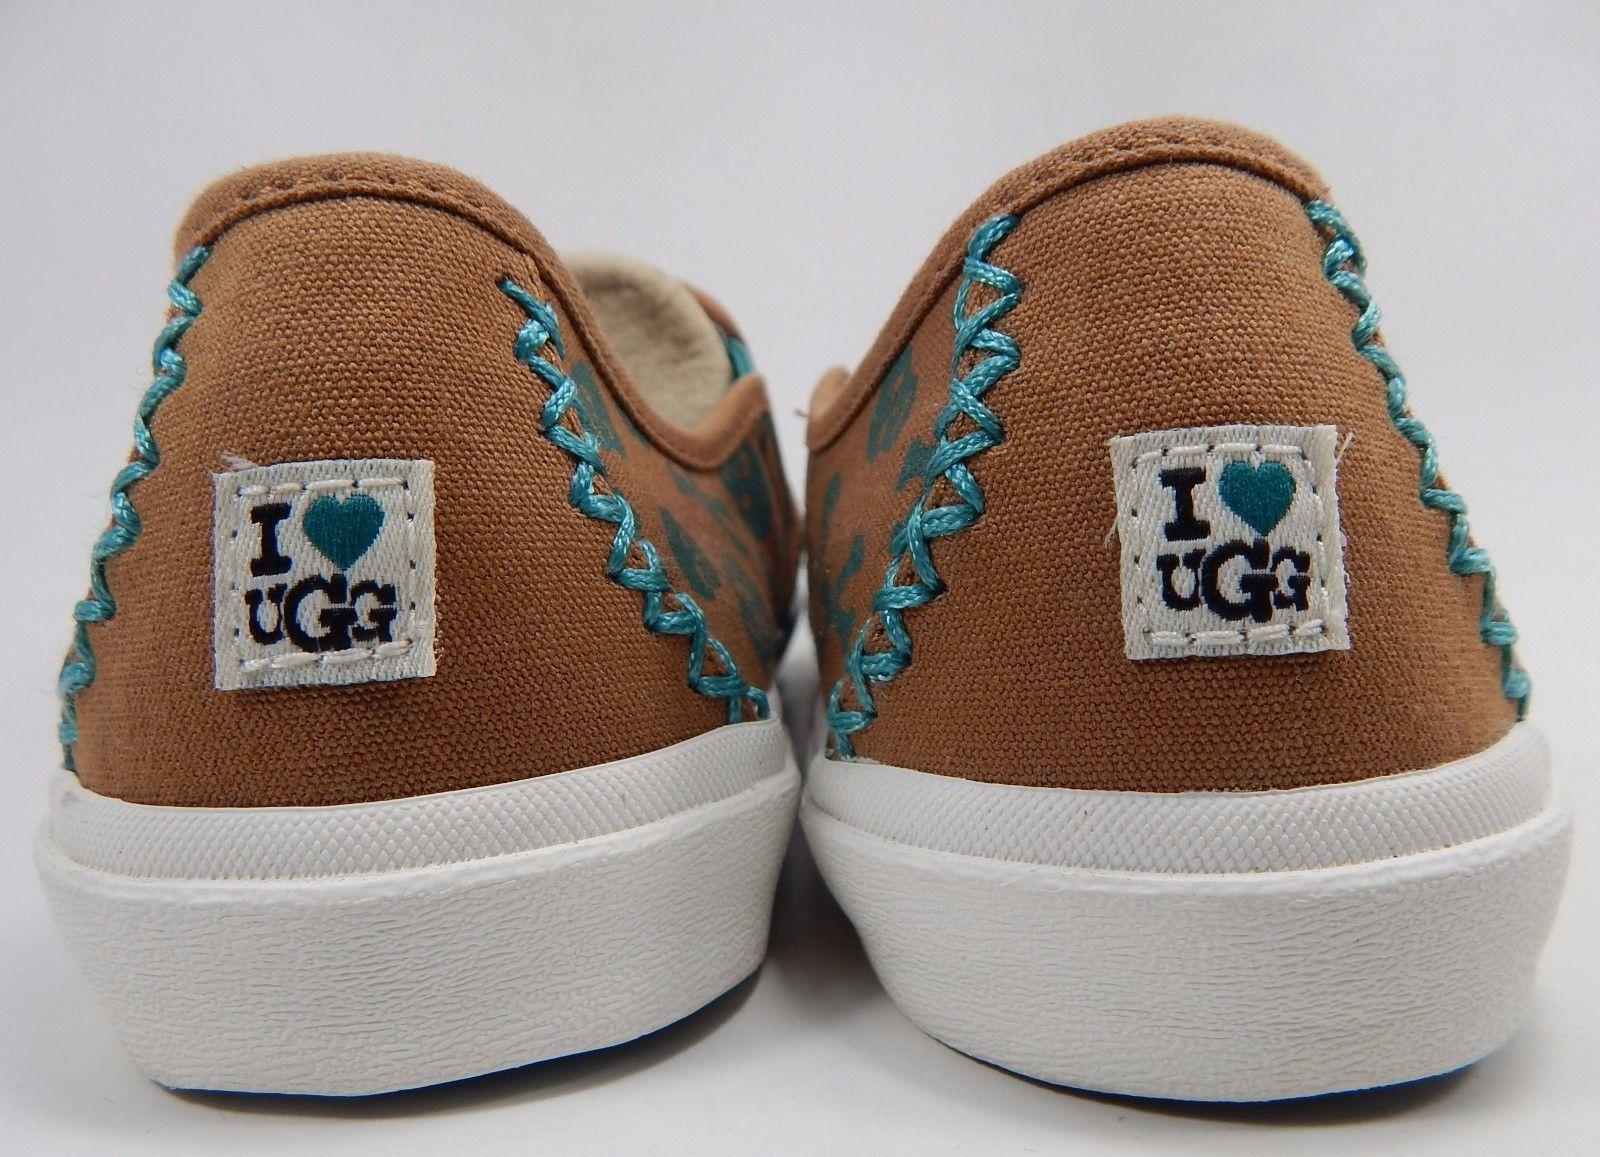 UGG Australia I Heart Belle Skulls Slip On Slippers Flats Size 7 M Brown Green